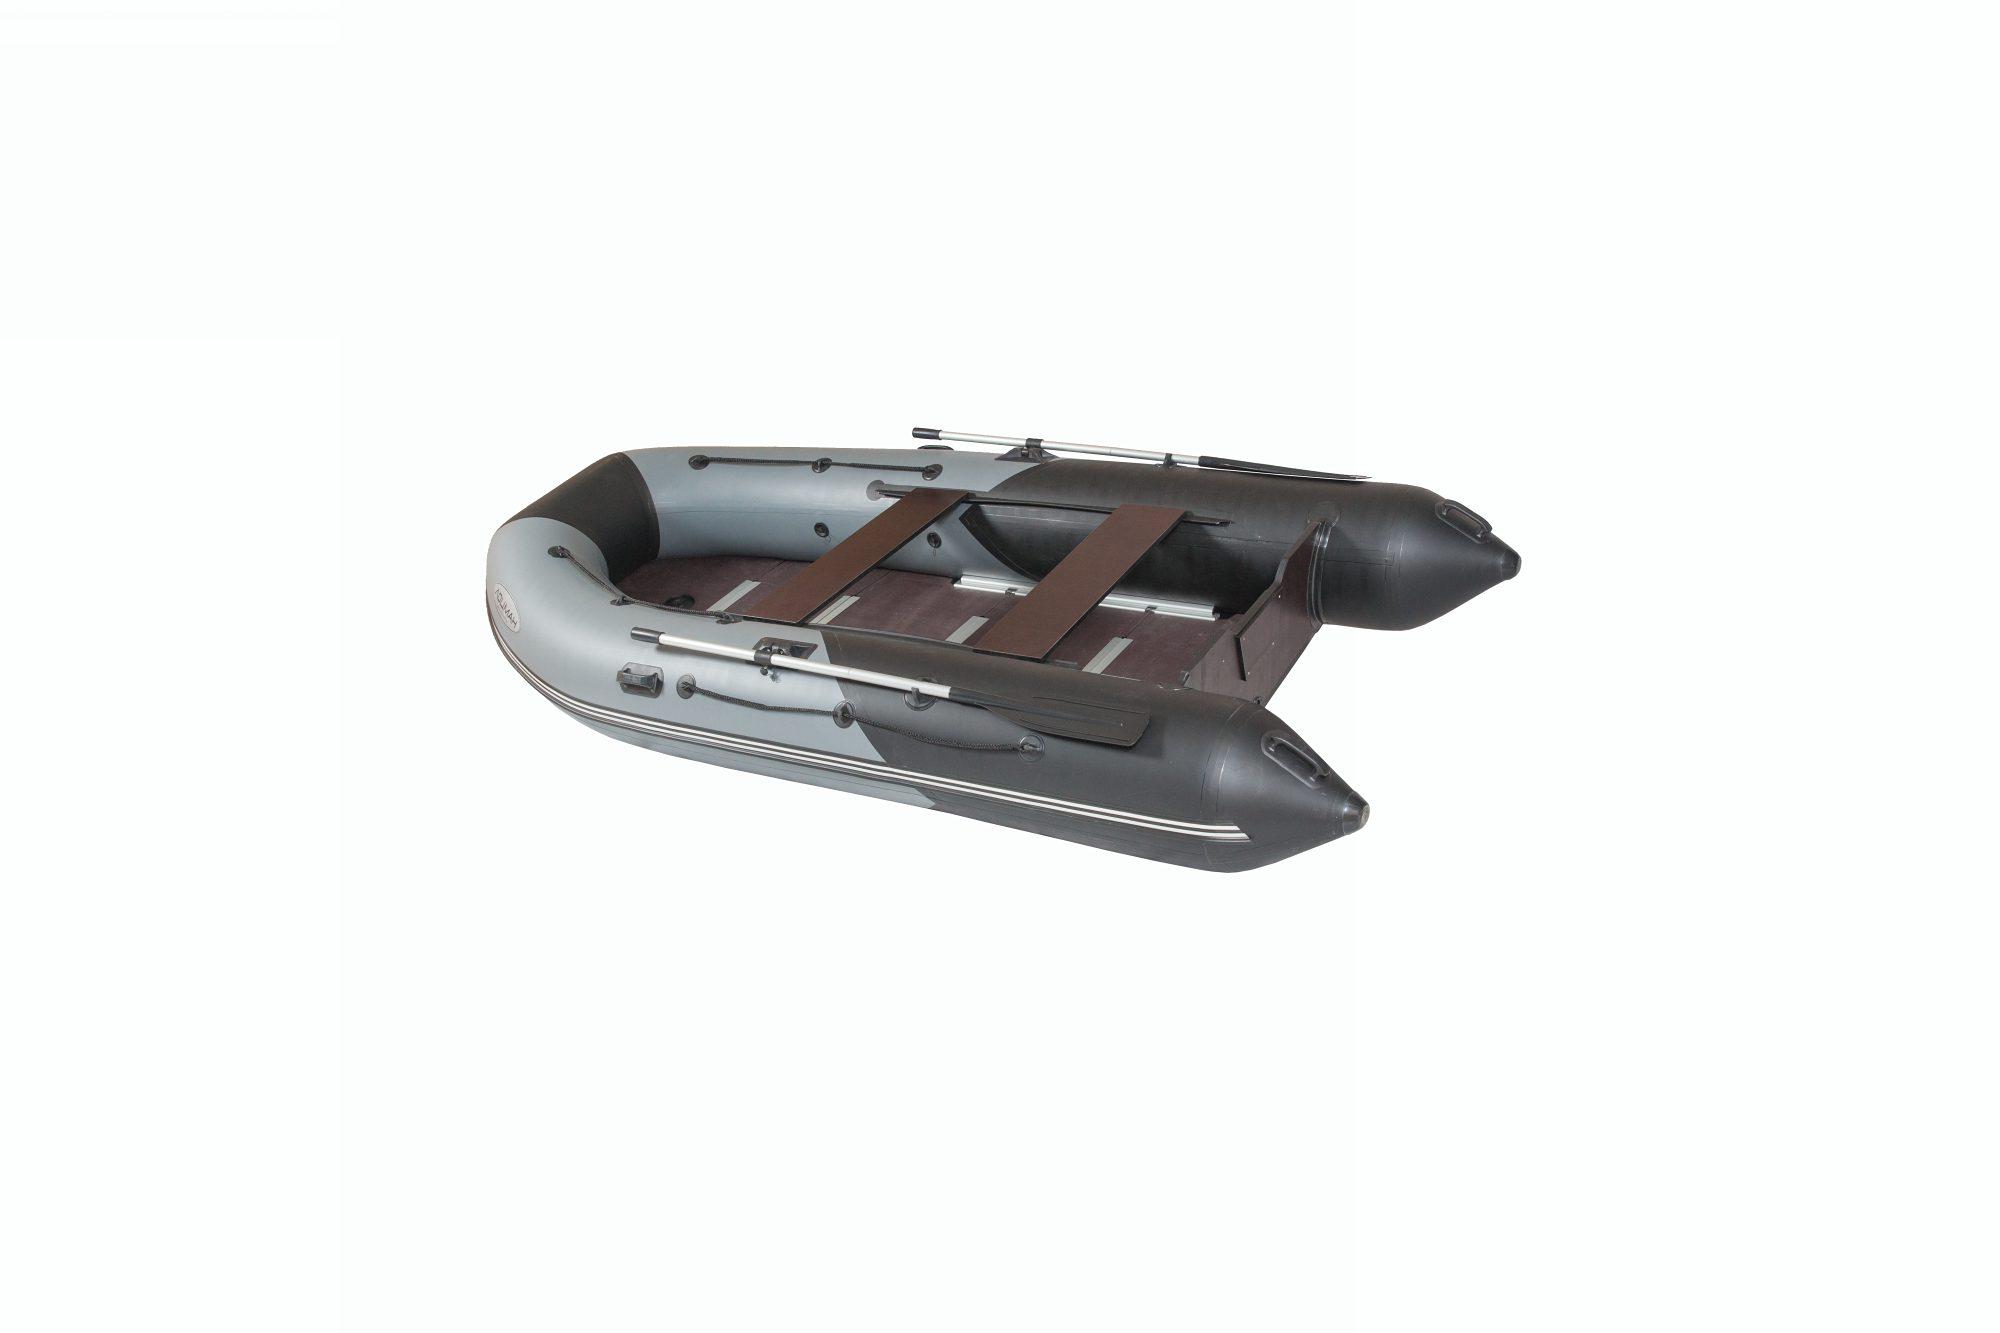 киль достижения возьми липовый лодке